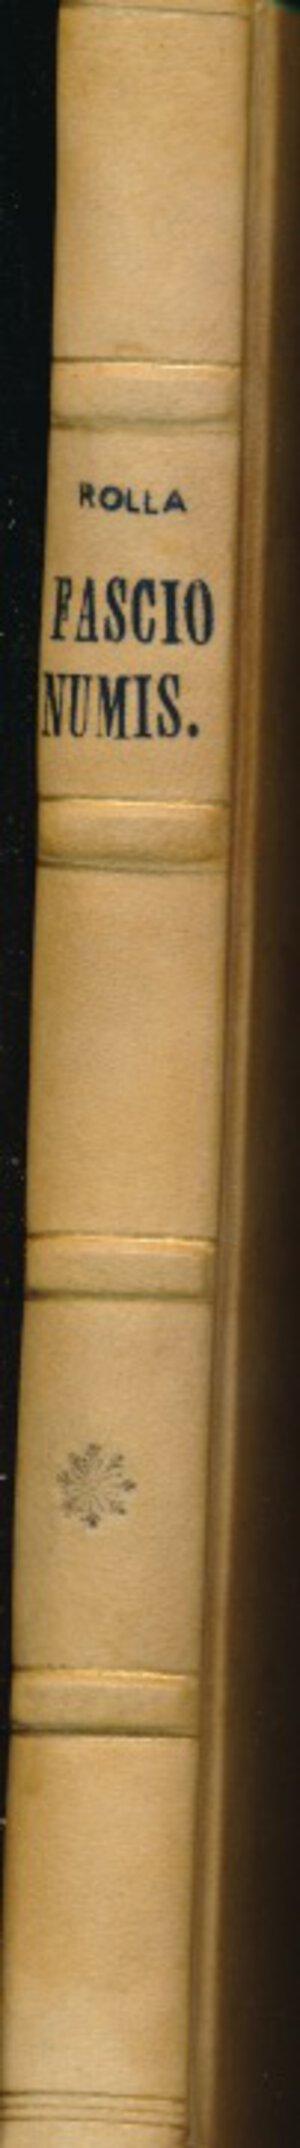 obverse: ROLLA M. - Fascio numismatico ossia leggende, motti, epigrafi, simboli, santi emblemi, monogrammi, figure allegoriche, sigle sulle monete italiane. Torino, pp. 295. Copertina rigida cartonata  con piatto floreale. Buono stato.